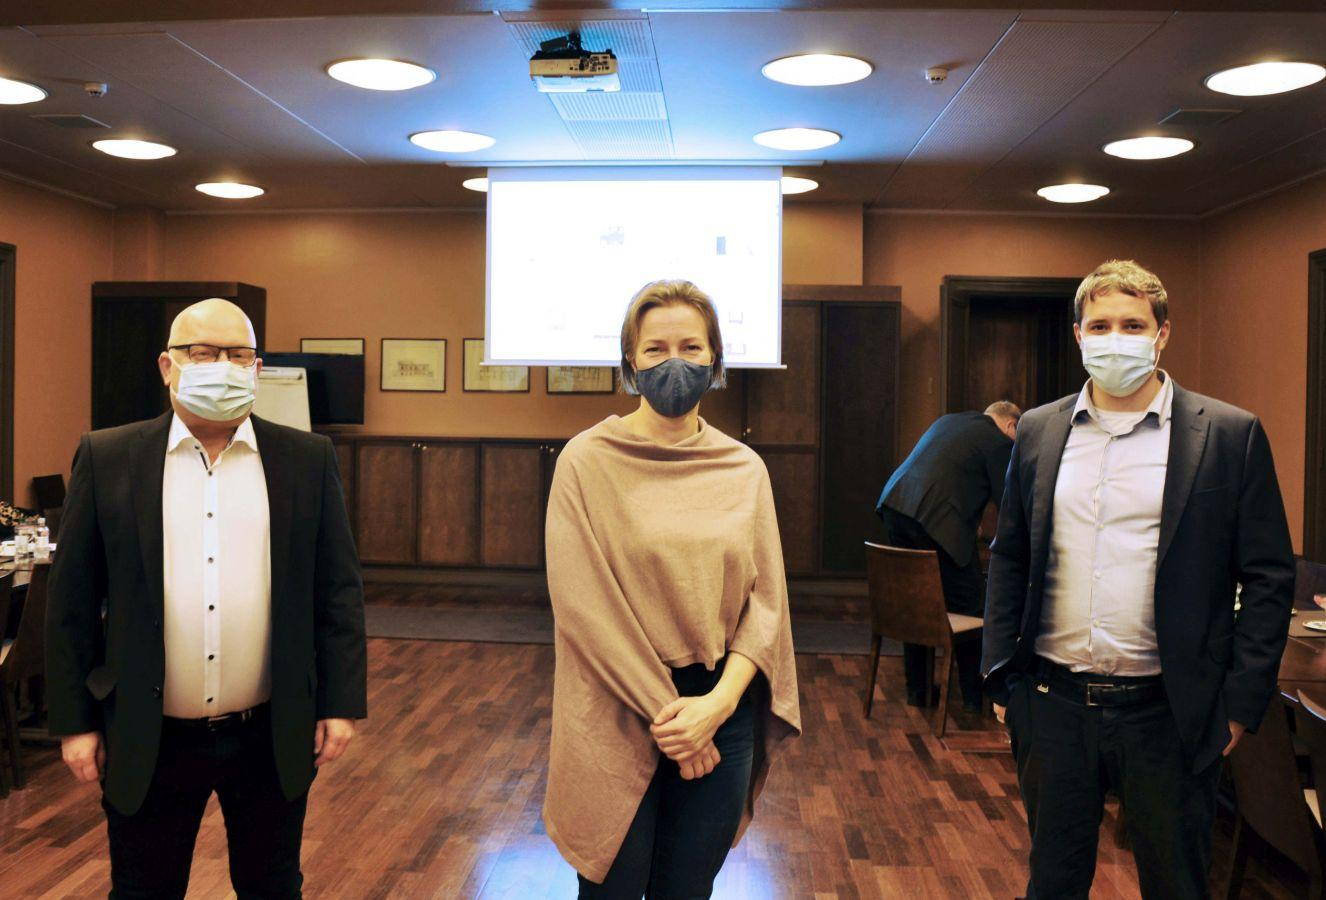 Tre personer med munskydd i mötessal